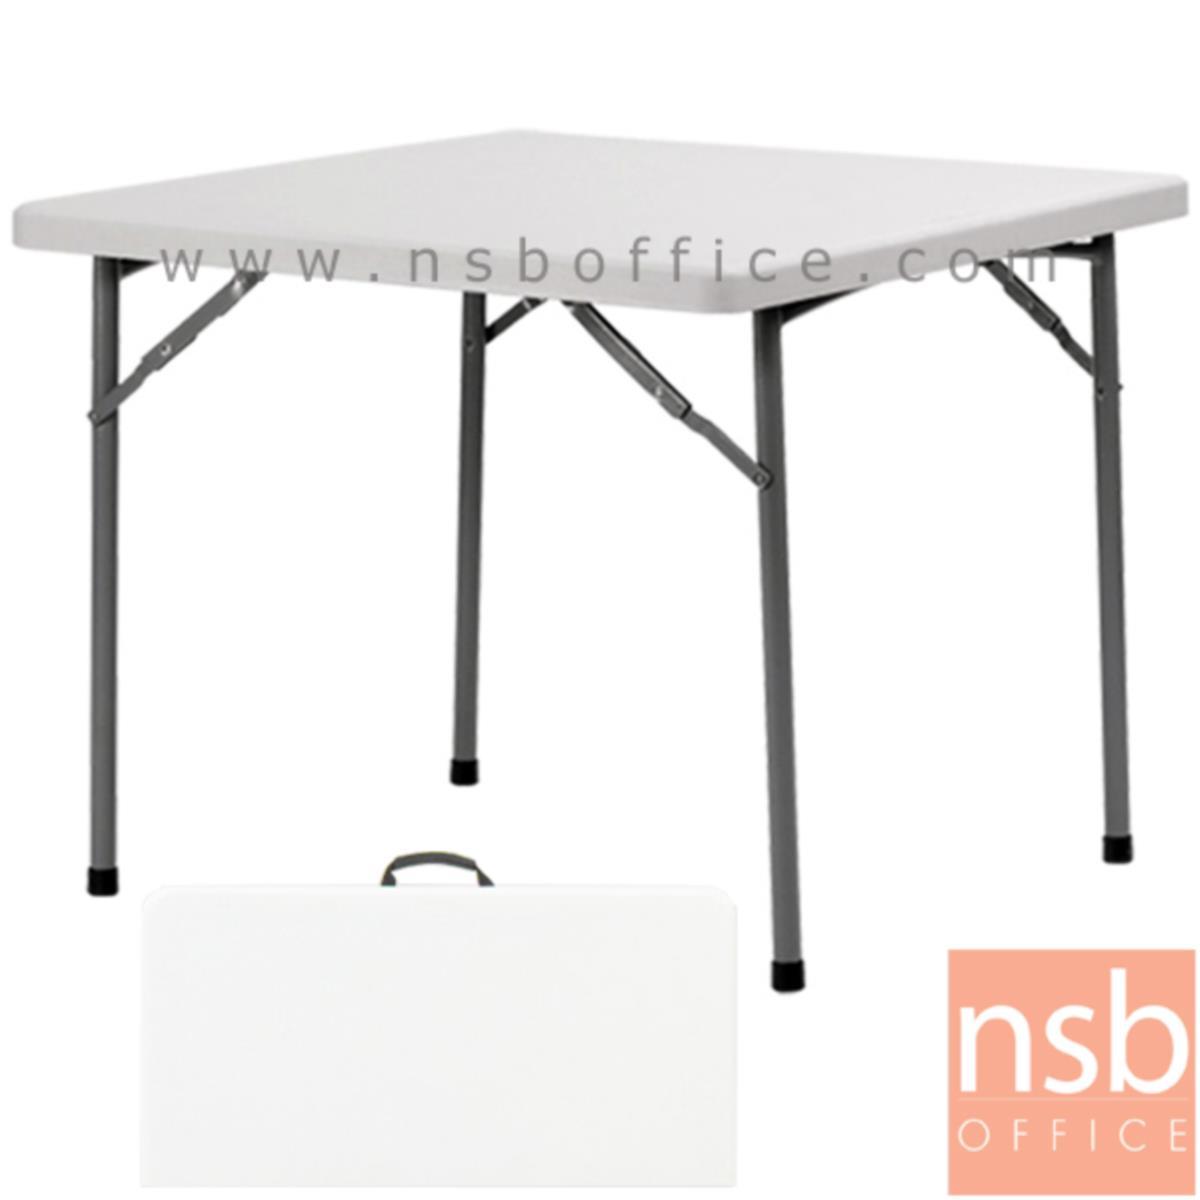 A19A033:โต๊ะพับหน้าพลาสติก รุ่น Percival (เพอร์ซีเวล) ขนาด 94W cm.  โครงเหล็ก